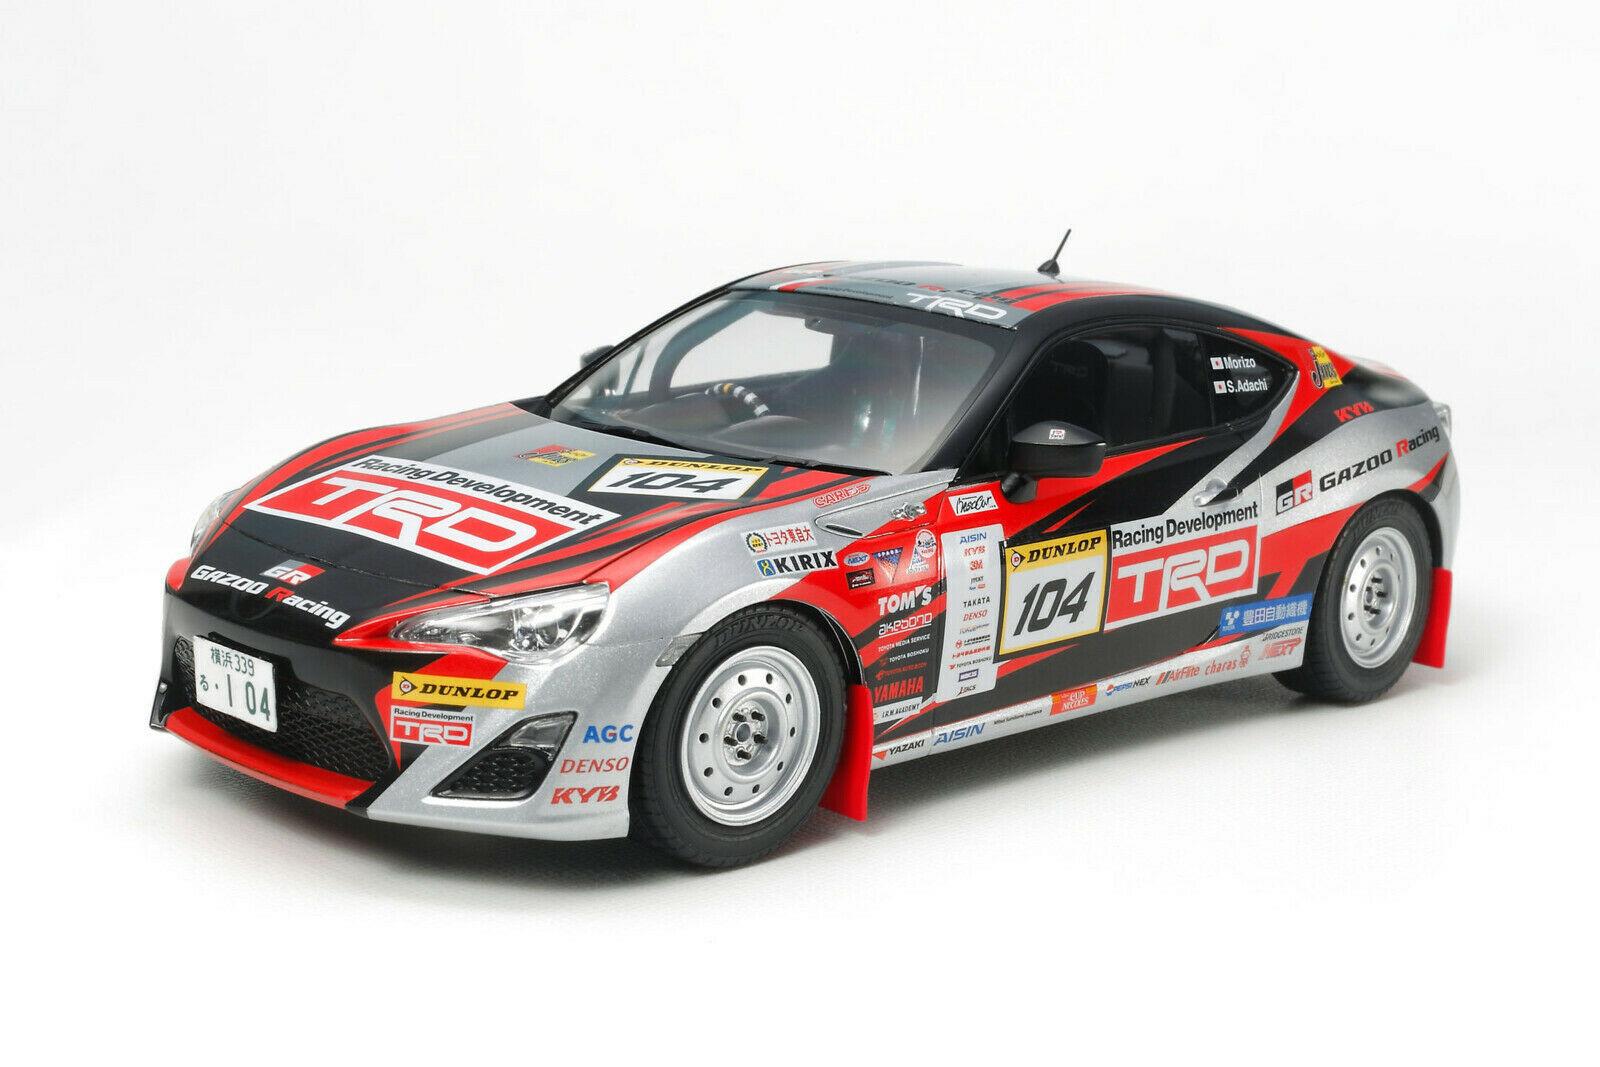 TAMIYA 1:24 GAZOO Racing TRD 86 2013 Rallye Ch. Bausatz für 24,36€ (Saturn Abholung)